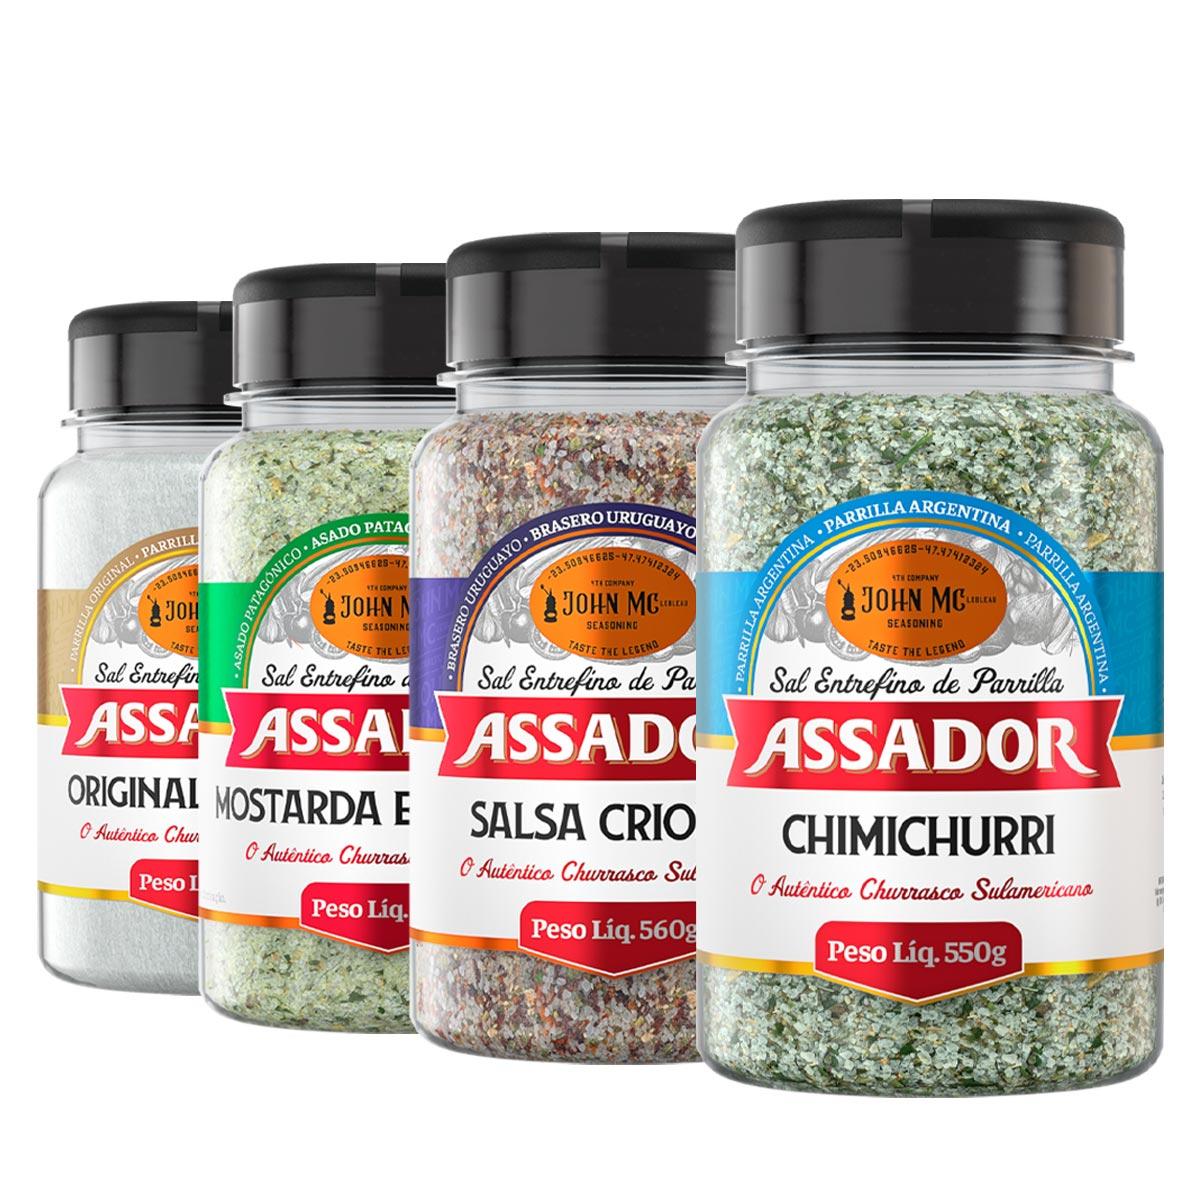 """Kit Linha Completa Sal de Parrilla """"ASSADOR"""" com 4 potes"""